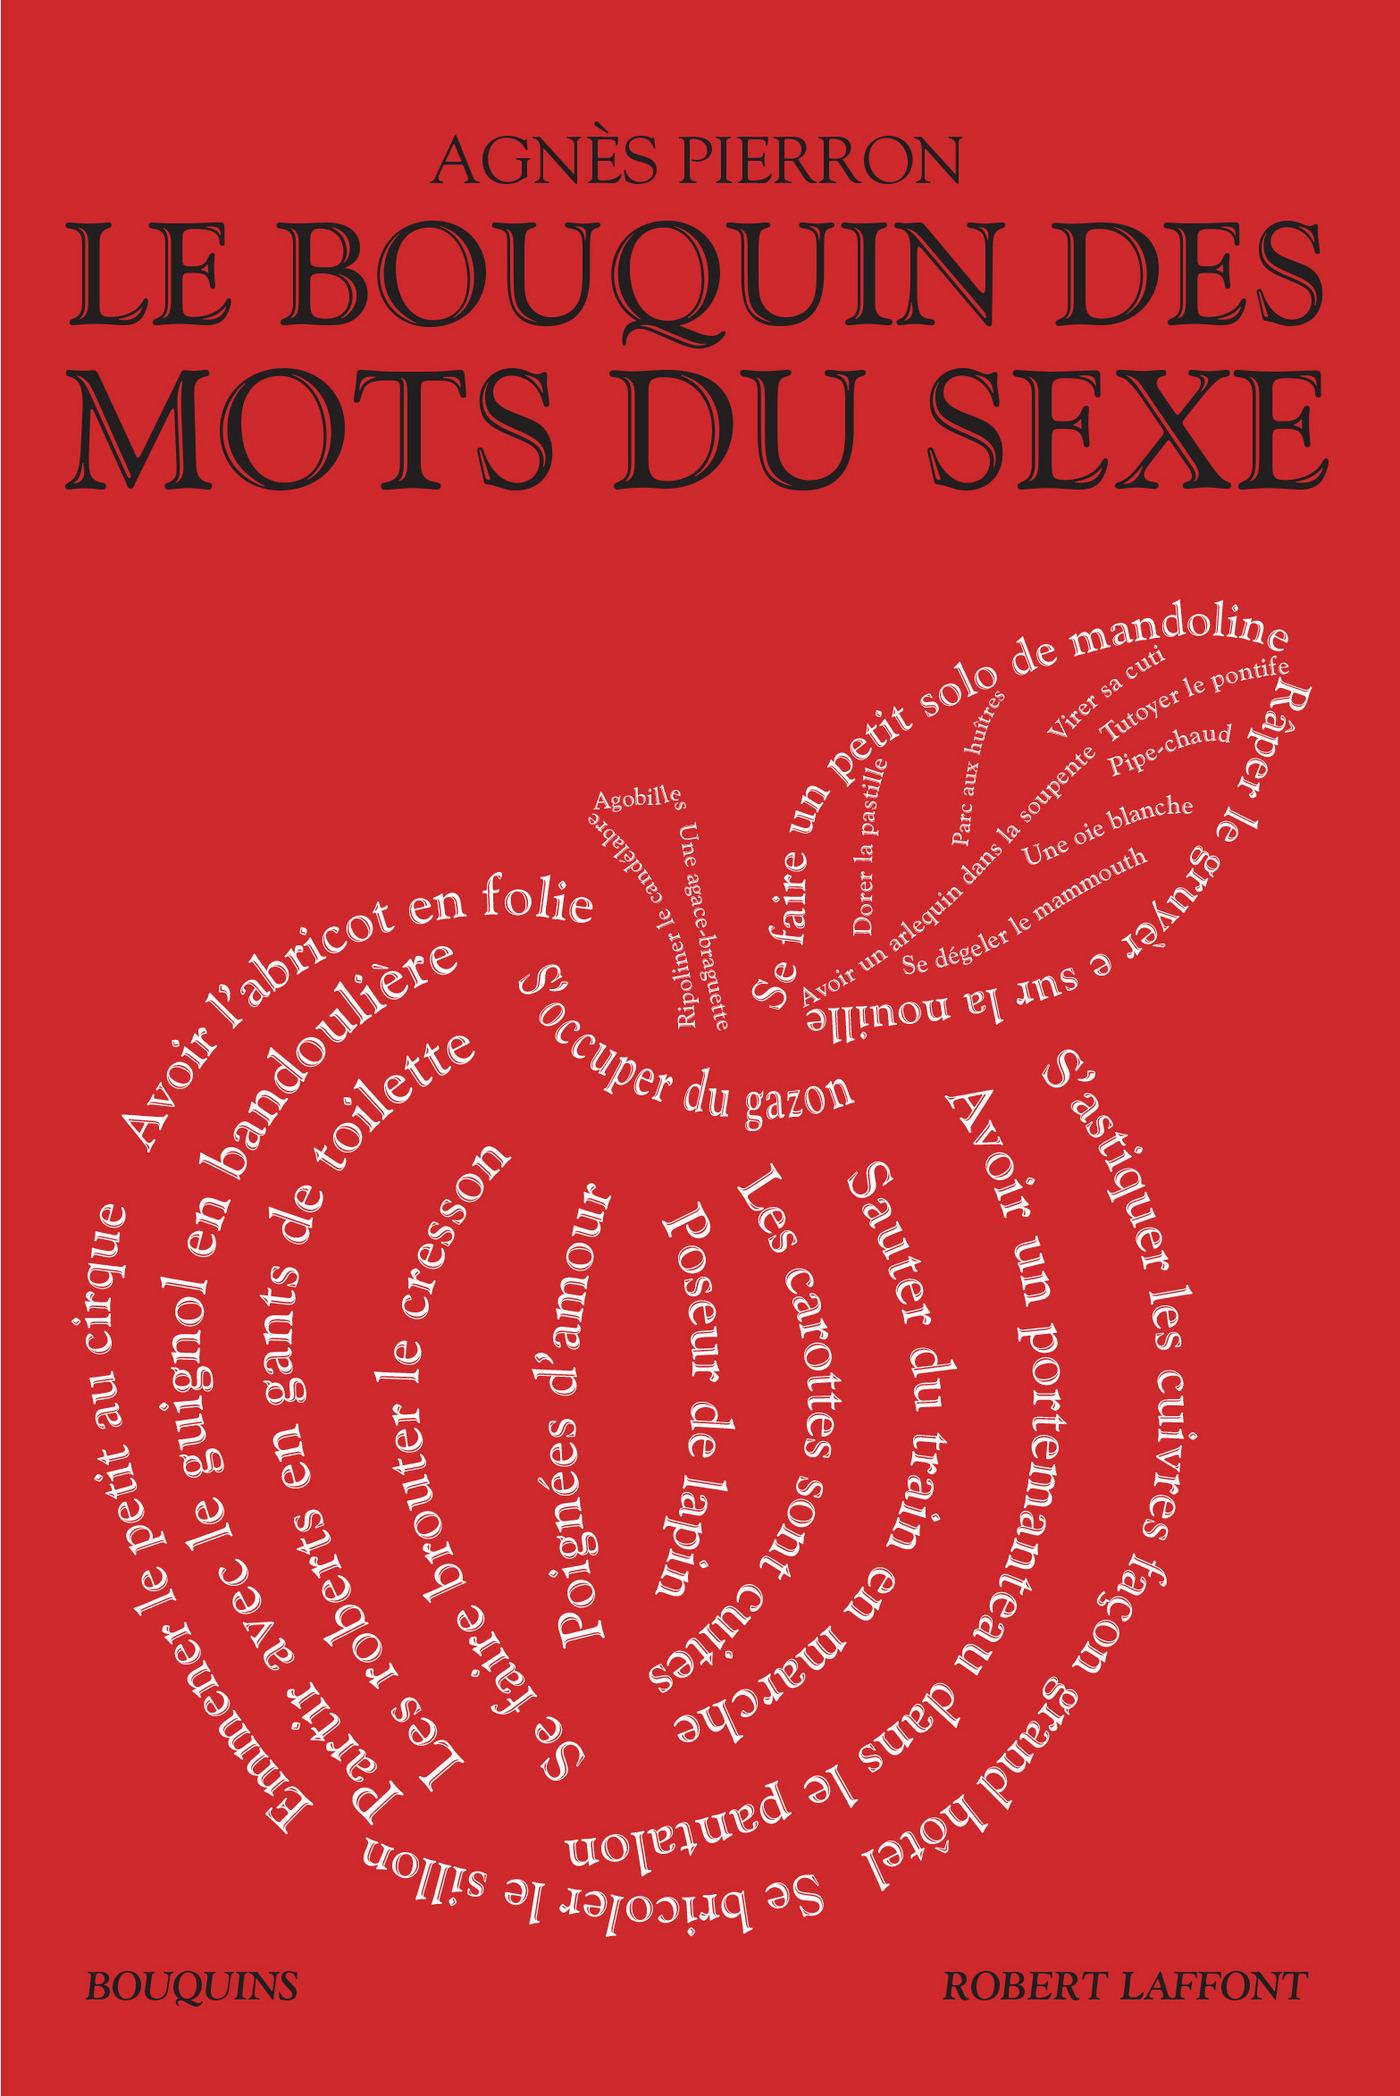 Le Bouquin des mots du sexe (ebook)